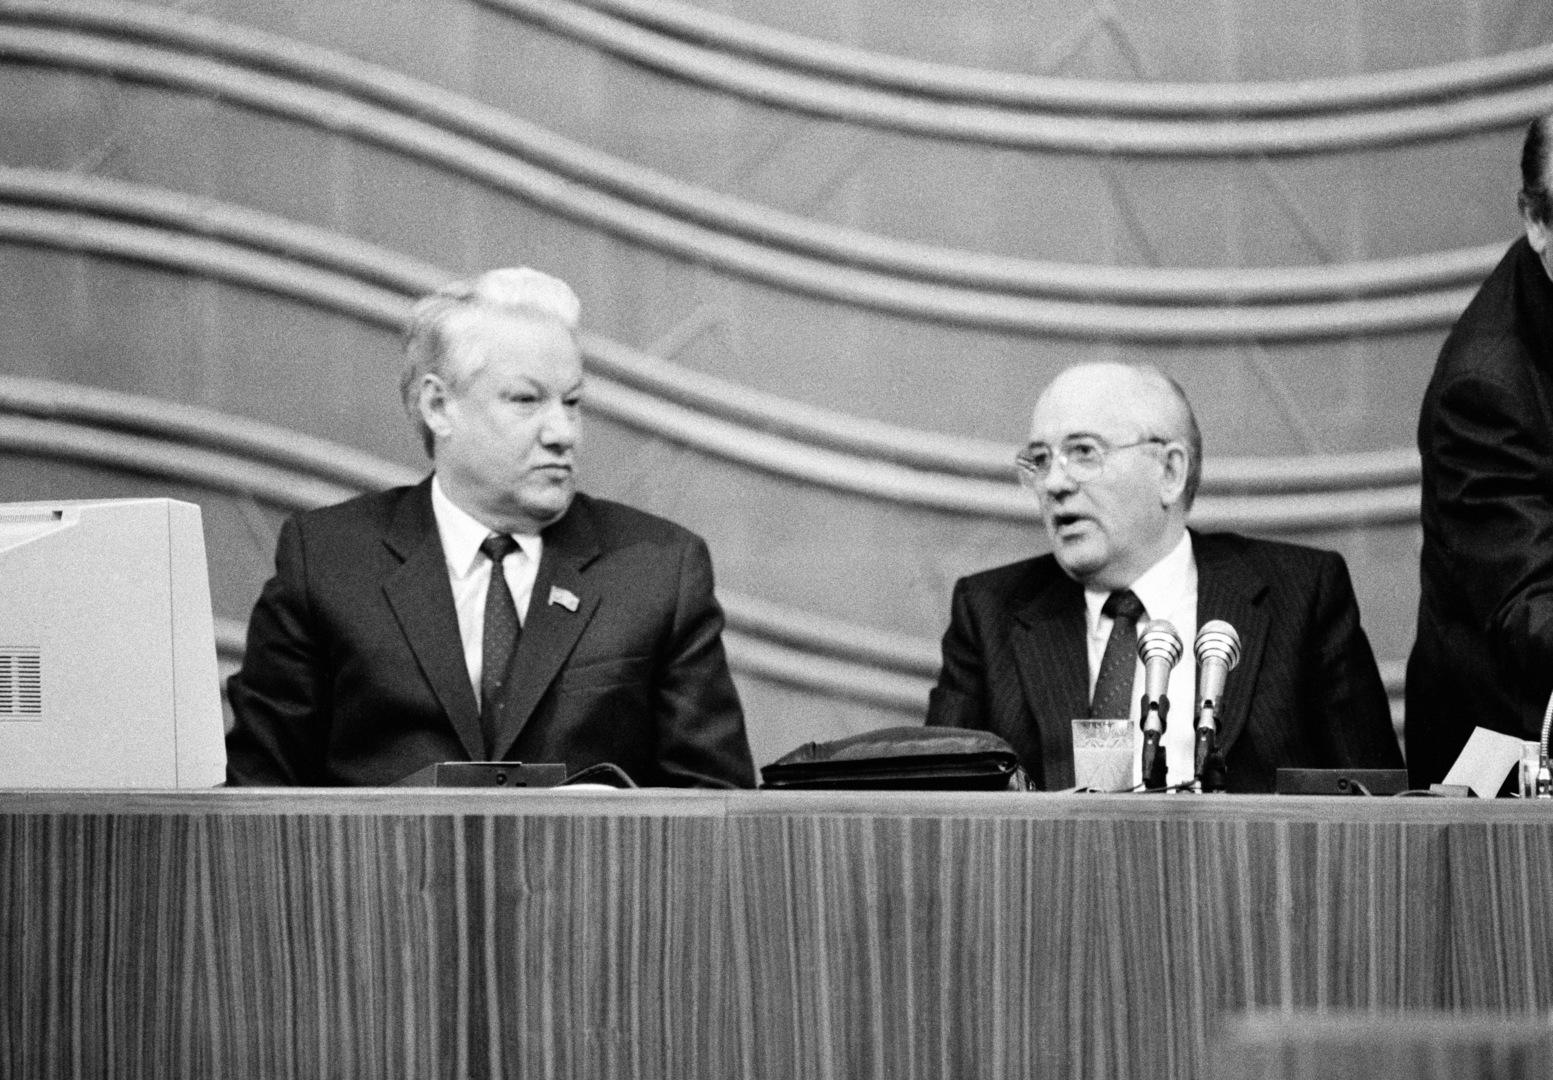 الرئيس السوفيتي ميخائيل غورباتشوف (على اليمين) ورئيس جمهورية روسيا بوريس يلتسين